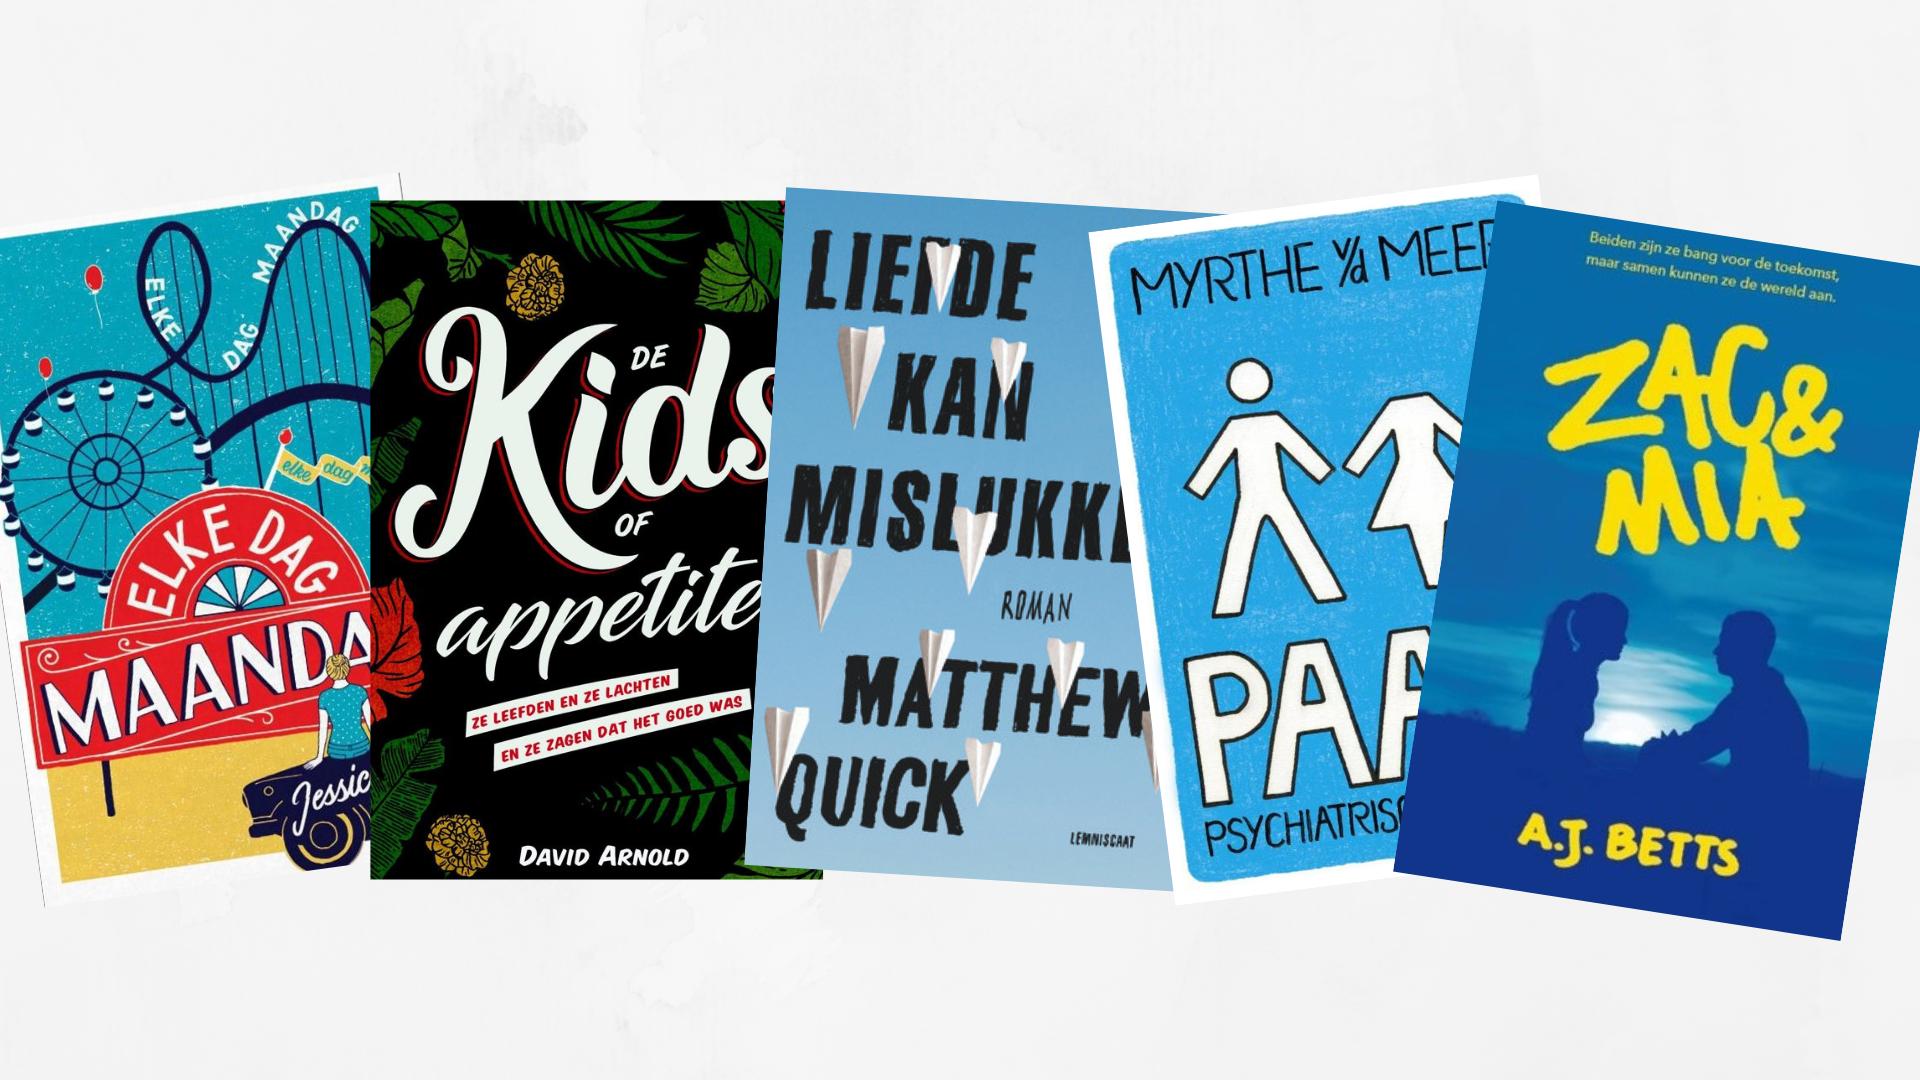 Friday Five: Vijf ongelezen boeken in mijn boekenkast